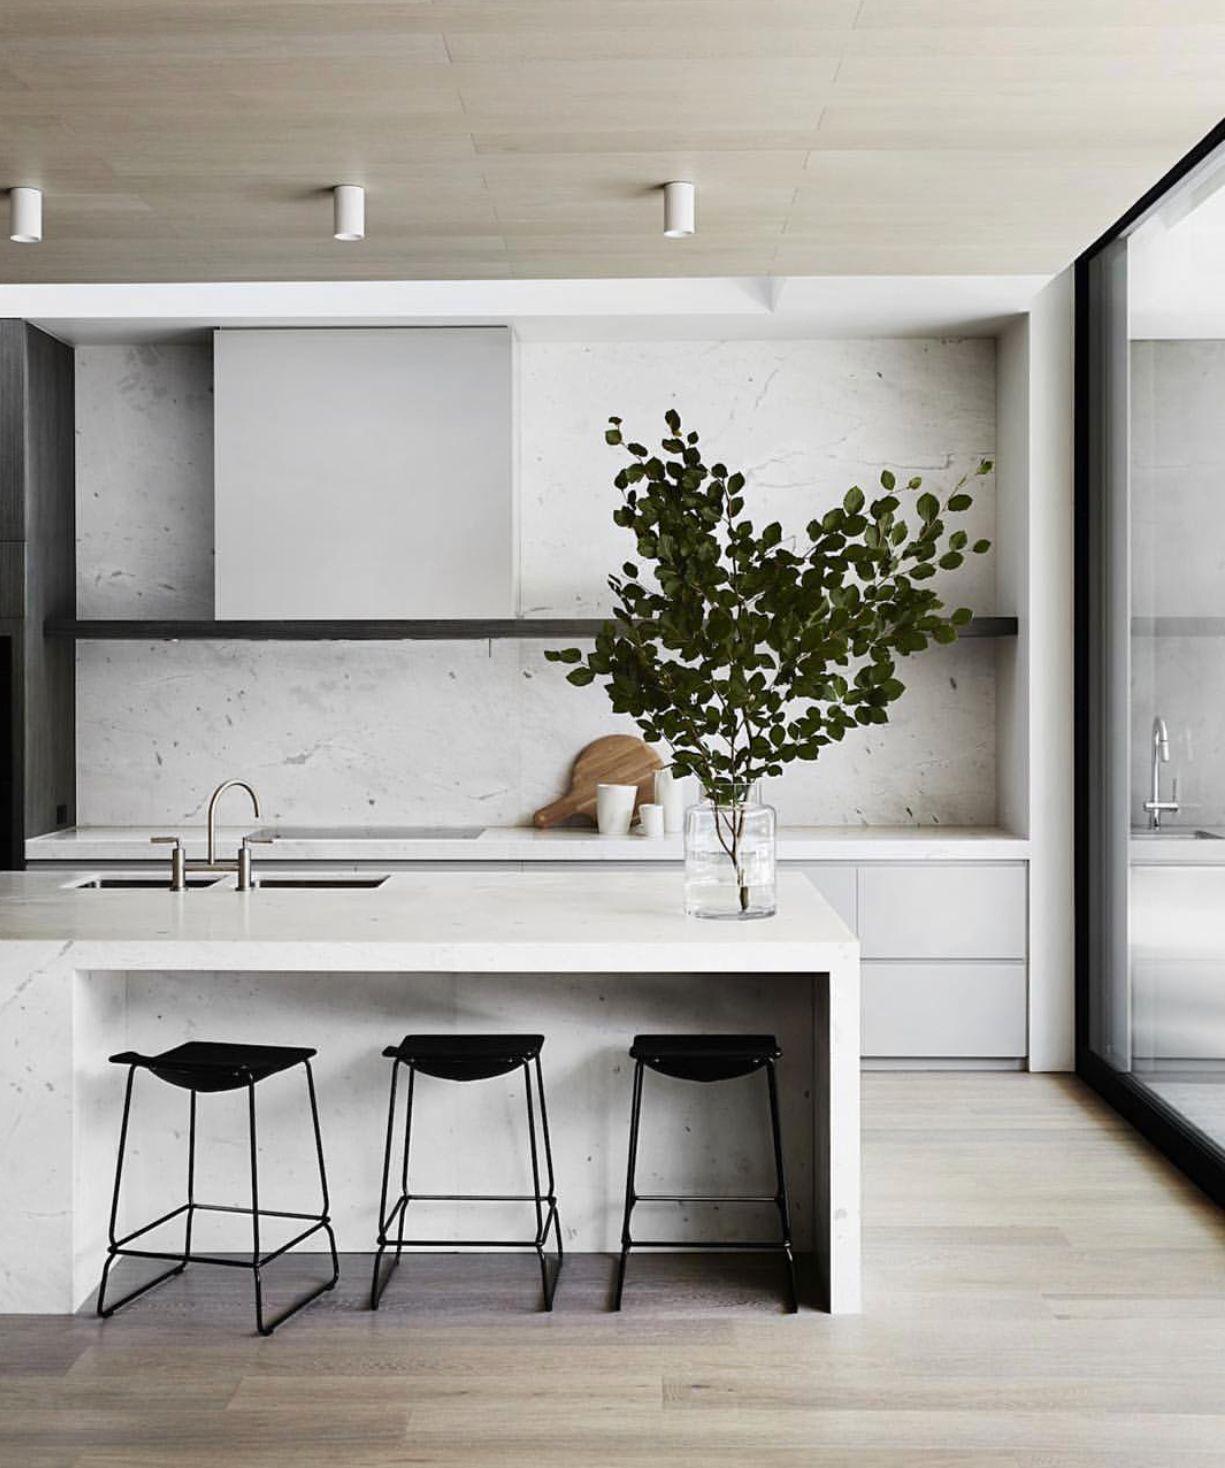 Pin by Sylvie Deceuninck on Kitchens Pinterest Kitchen design